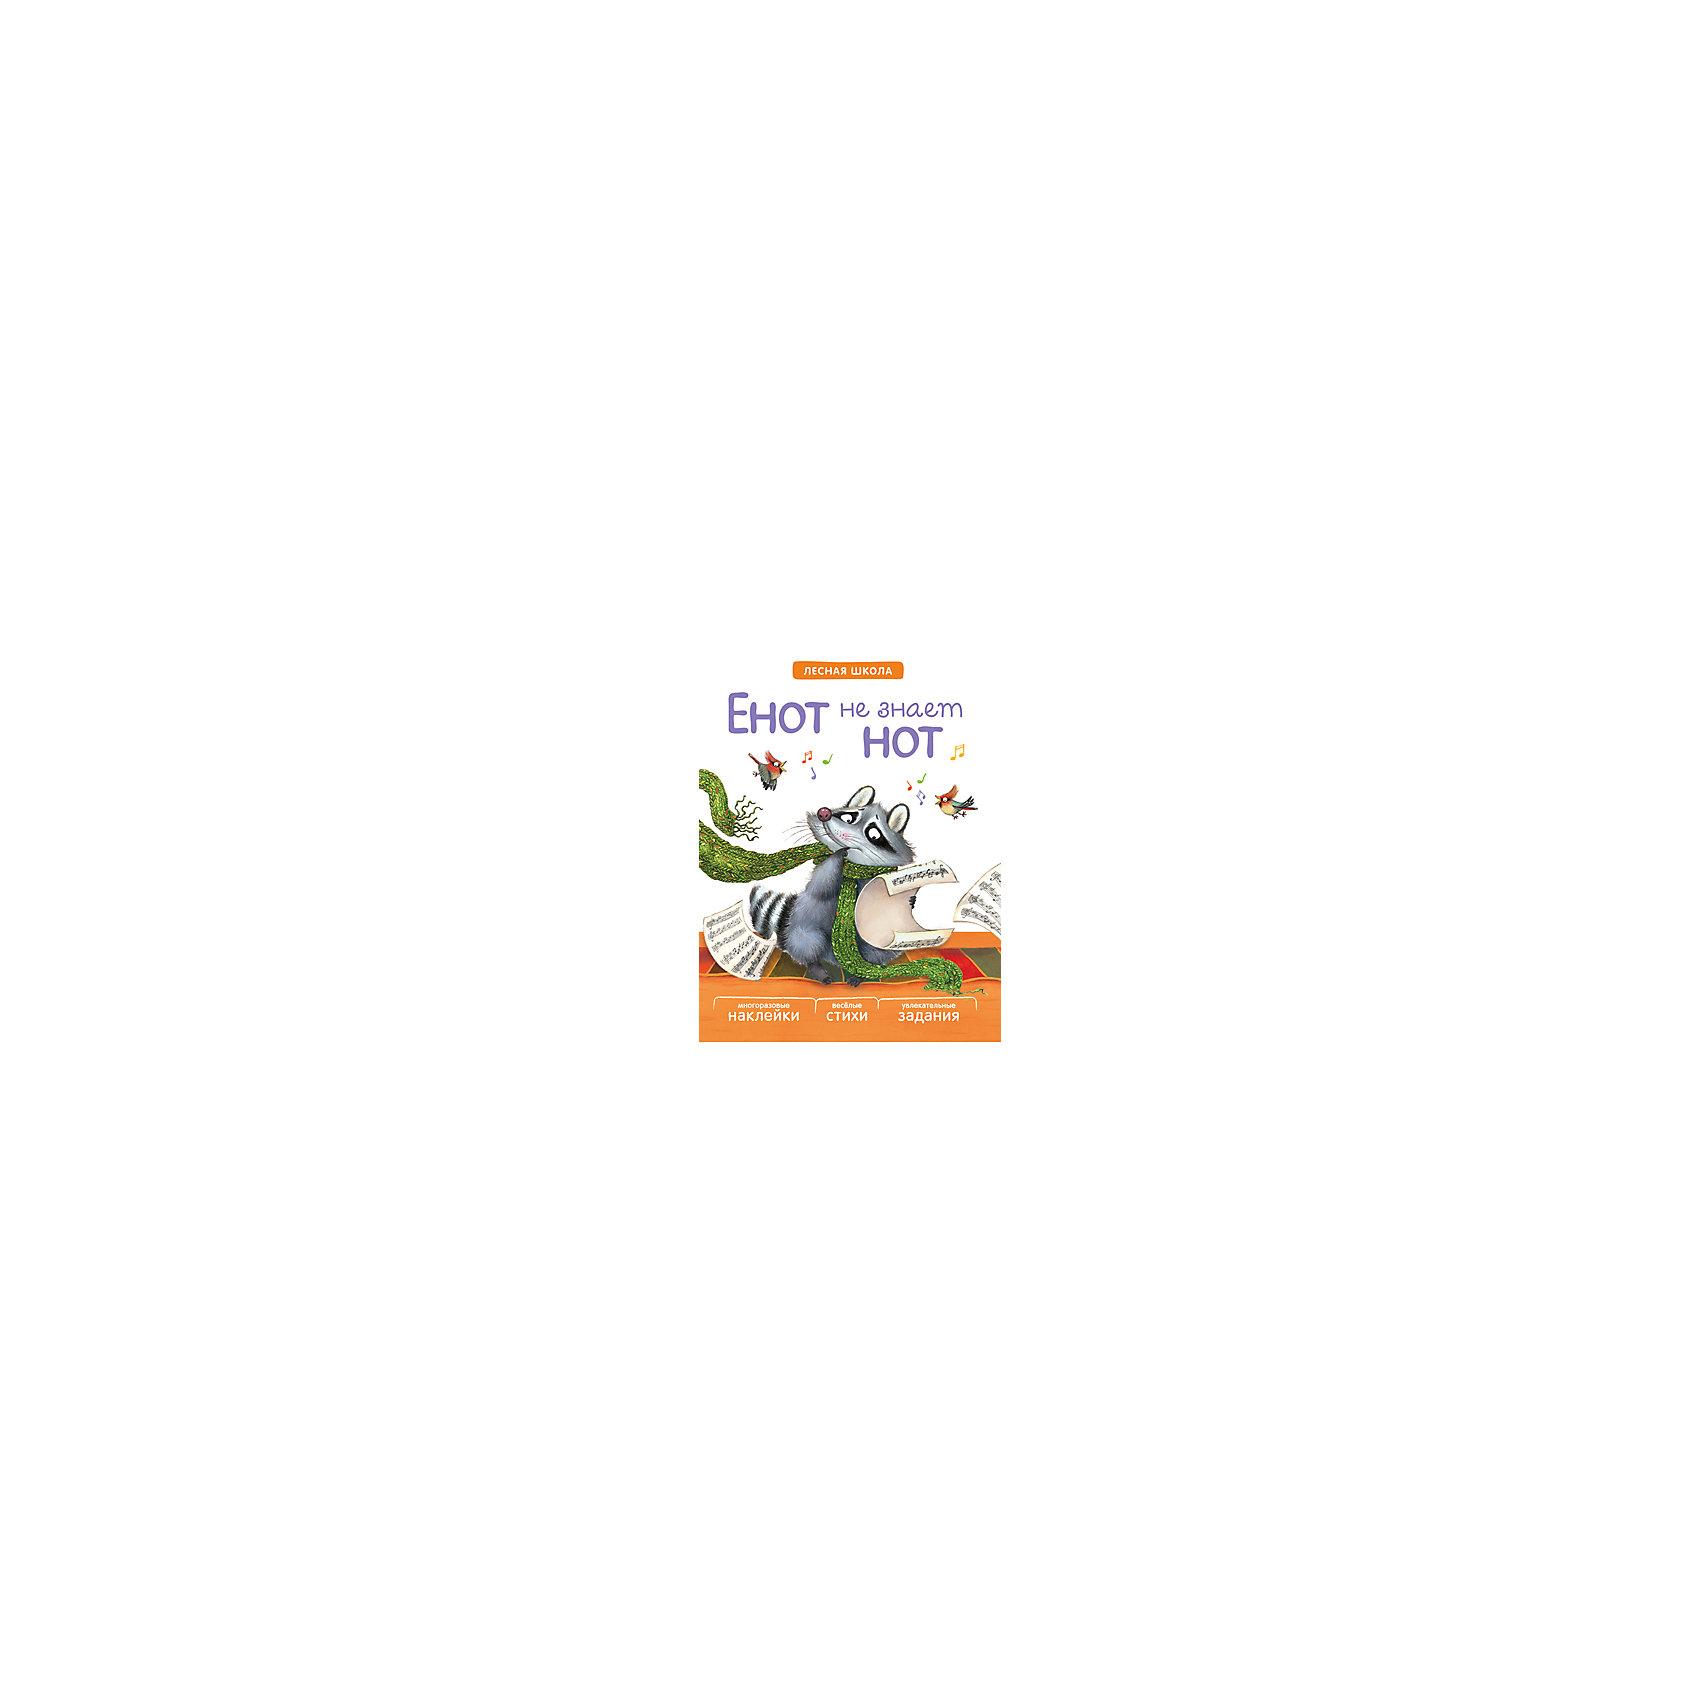 Книга Лесная школа: Енот не знает нотМозаика-Синтез<br>Книга «Лесная школа: Енот не знает нот»<br><br>Характеристики:<br>• издательство: Мозаика-Синтез;<br>• размер: 20х26 см.;<br>• количество страниц: 18;<br>• тип обложки: мягкая;<br>• иллюстрации: цветные;<br>• ISBN: 9785431508899;<br>• вес: 90 г.;<br>• для детей в возрасте: от 4 до 7 лет;<br>• страна производитель: Россия.<br>Развивающая книжка с наклейками из серии «Лесная школа» предназначена для занятий с детьми и раскрытия профессии музыканта. Книга с яркими рисунками на всю страницу наполнена стихотворениями, интересными заданиями и подразумевает использование наклеек из комплекта. Интересная история о еноте позволит ребёнку выучить музыкальные инструменты, а также принимать участие по ходу рассказа с помощью наклеек и заданий. Наклейки из набора качественно проработаны и могут быть наклеены несколько раз. Занимаясь с этой книжкой дети смогут развивать мелкую моторику рук, логическое мышление, чувство цвета, творческие способности. Слушая сказки и отвечая на вопросы дети развивают память, словарный запас, учатся правильно формировать и строить предложения, запоминают основные правила русского языка.<br>Книгу «Лесная школа: Енот не знает нот» можно купить в нашем интернет-магазине.<br><br>Ширина мм: 20<br>Глубина мм: 195<br>Высота мм: 255<br>Вес г: 90<br>Возраст от месяцев: 48<br>Возраст до месяцев: 84<br>Пол: Унисекс<br>Возраст: Детский<br>SKU: 5562629